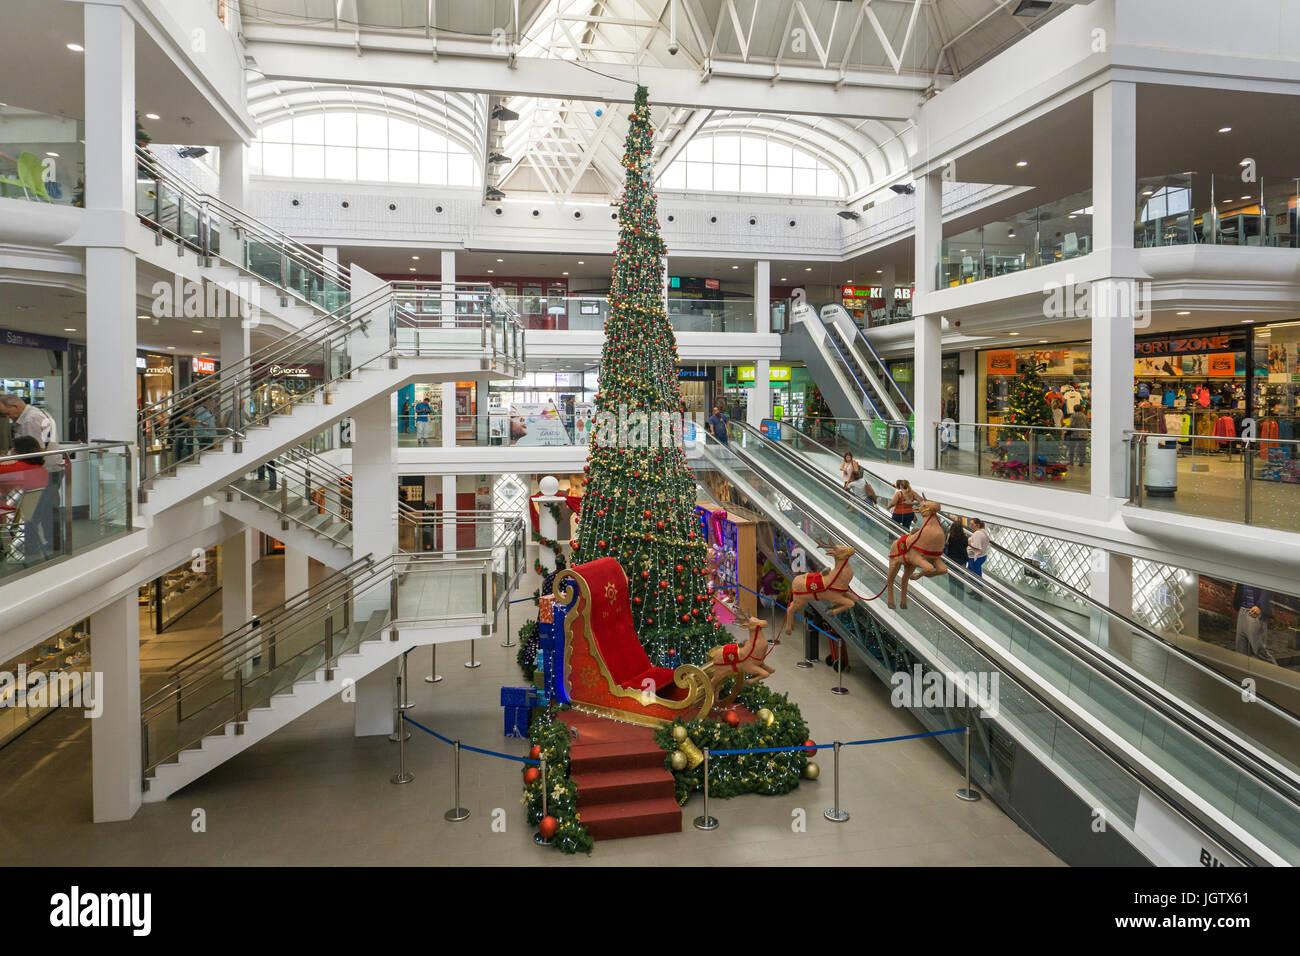 Weihnachten stockfotos weihnachten bilder alamy for Dekoration spanien